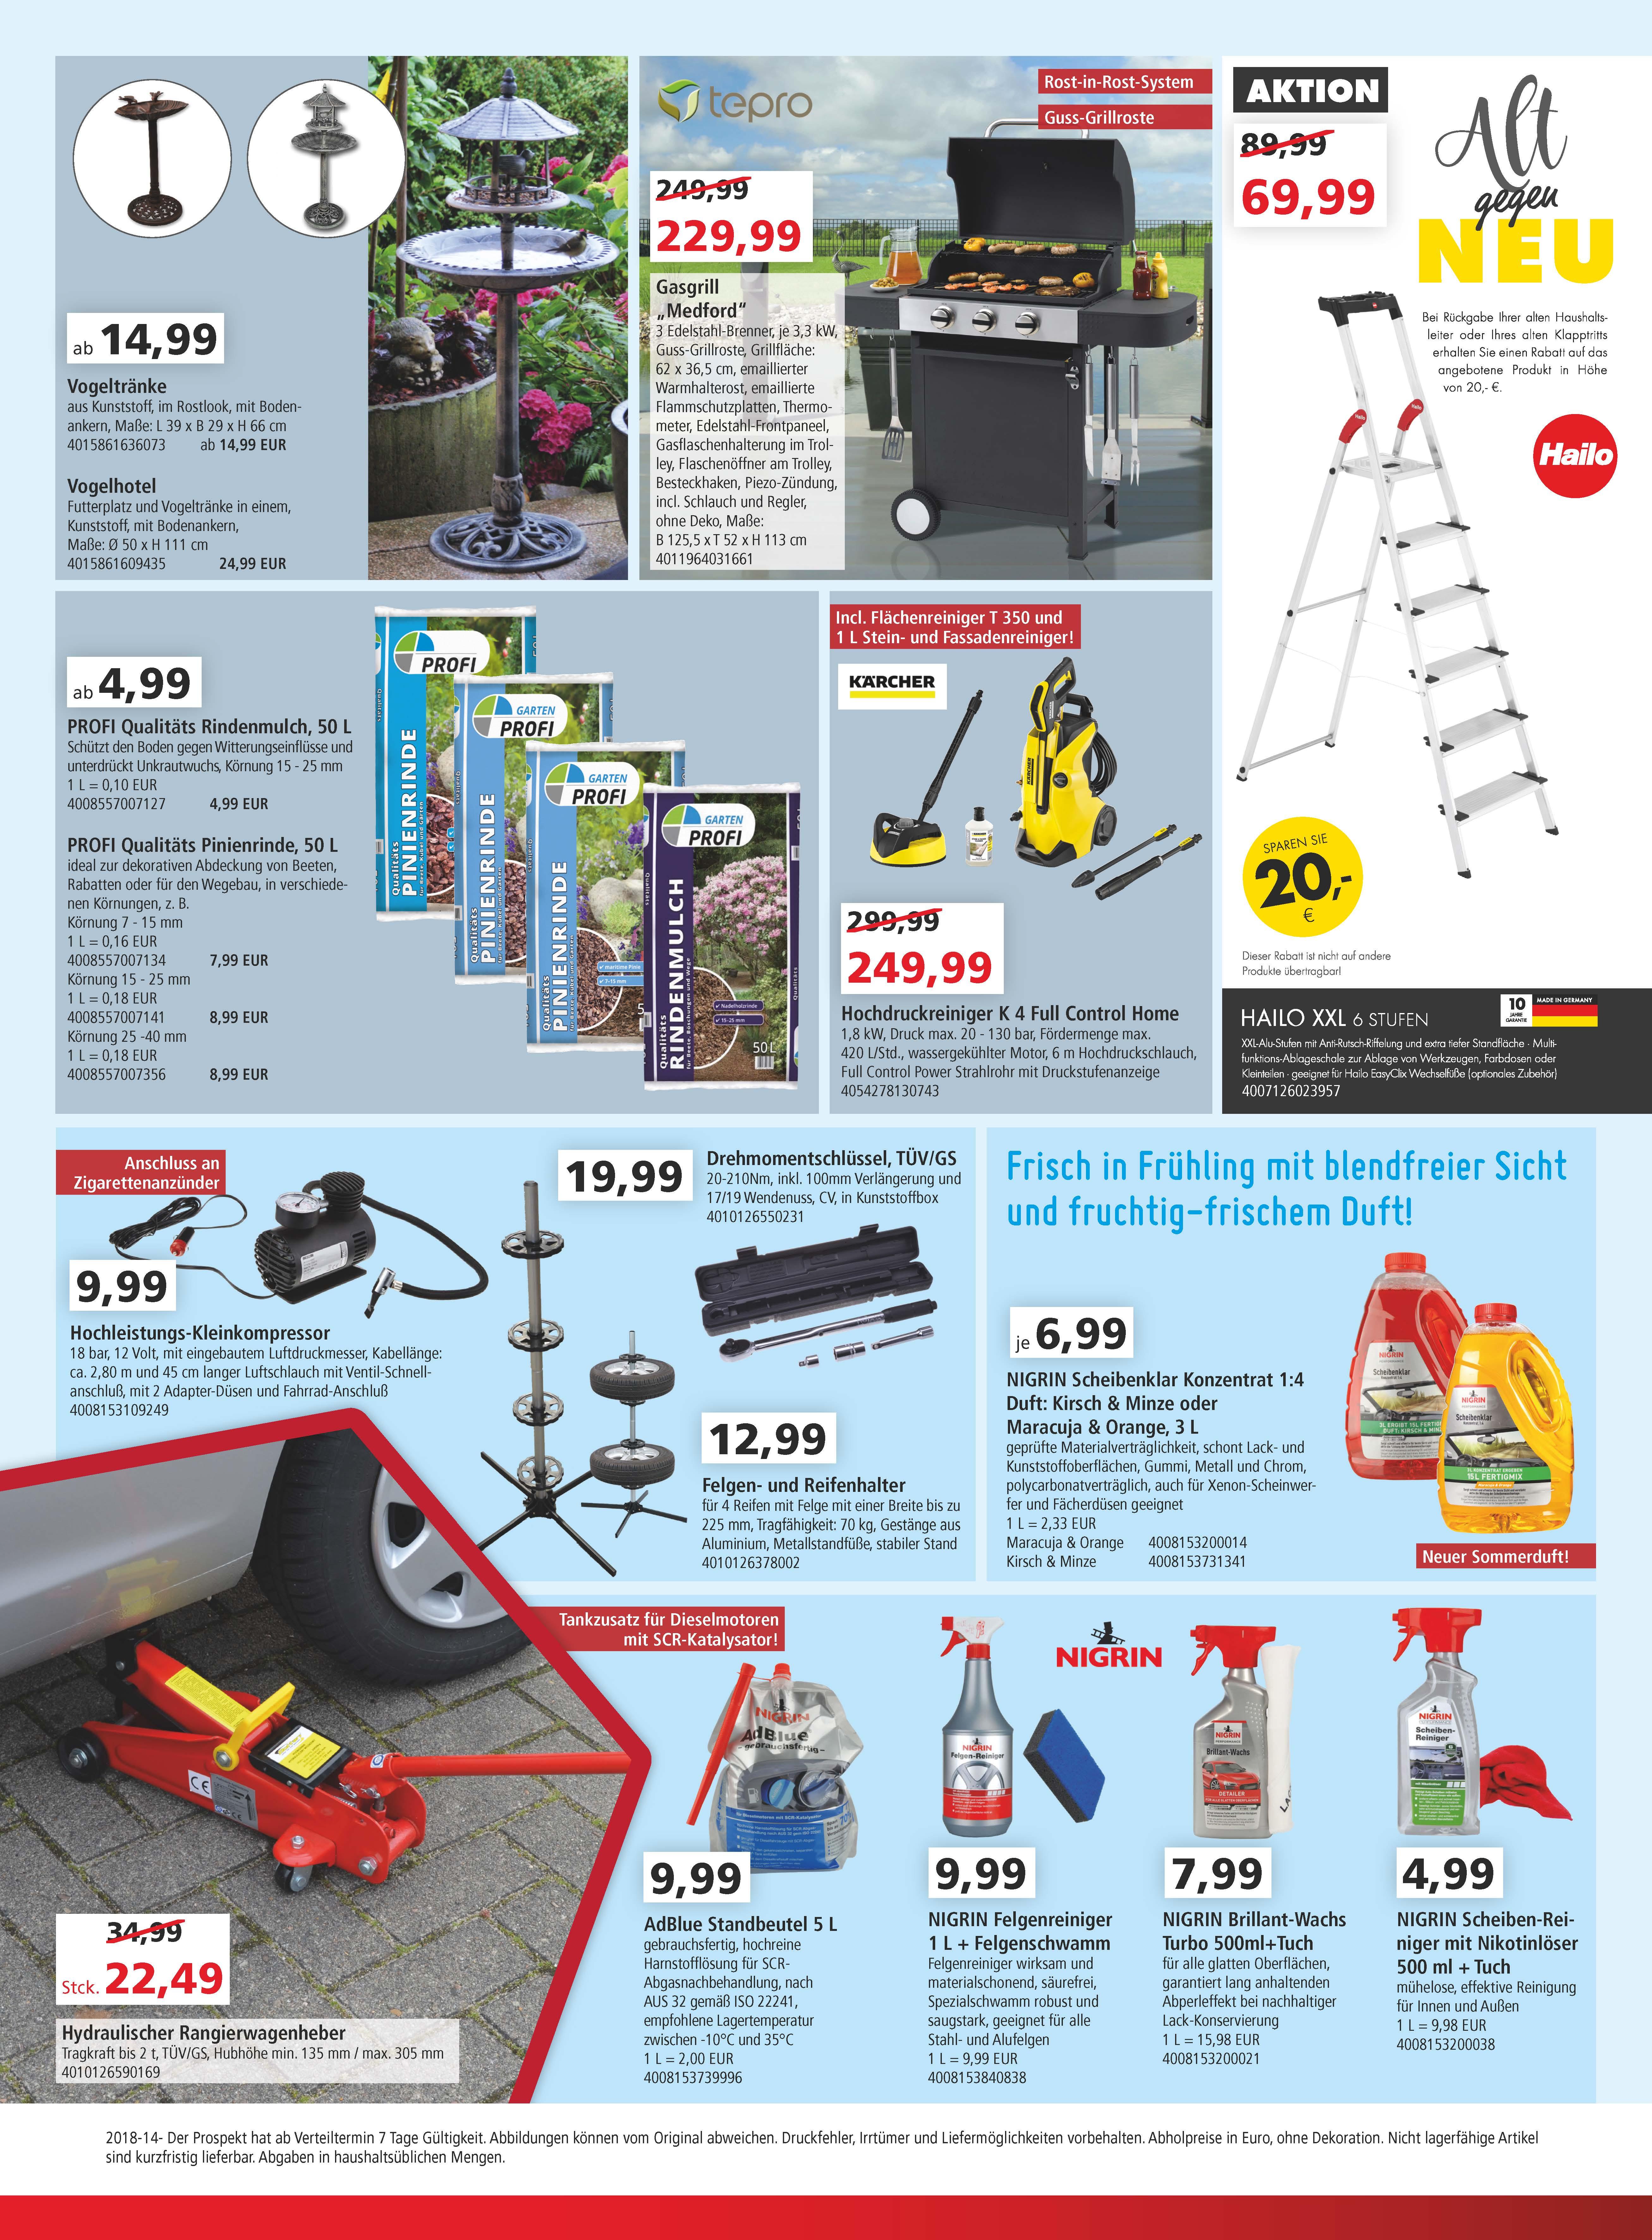 c h schmitt gmbh co kg in schwalmstadt branchenbuch deutschland. Black Bedroom Furniture Sets. Home Design Ideas